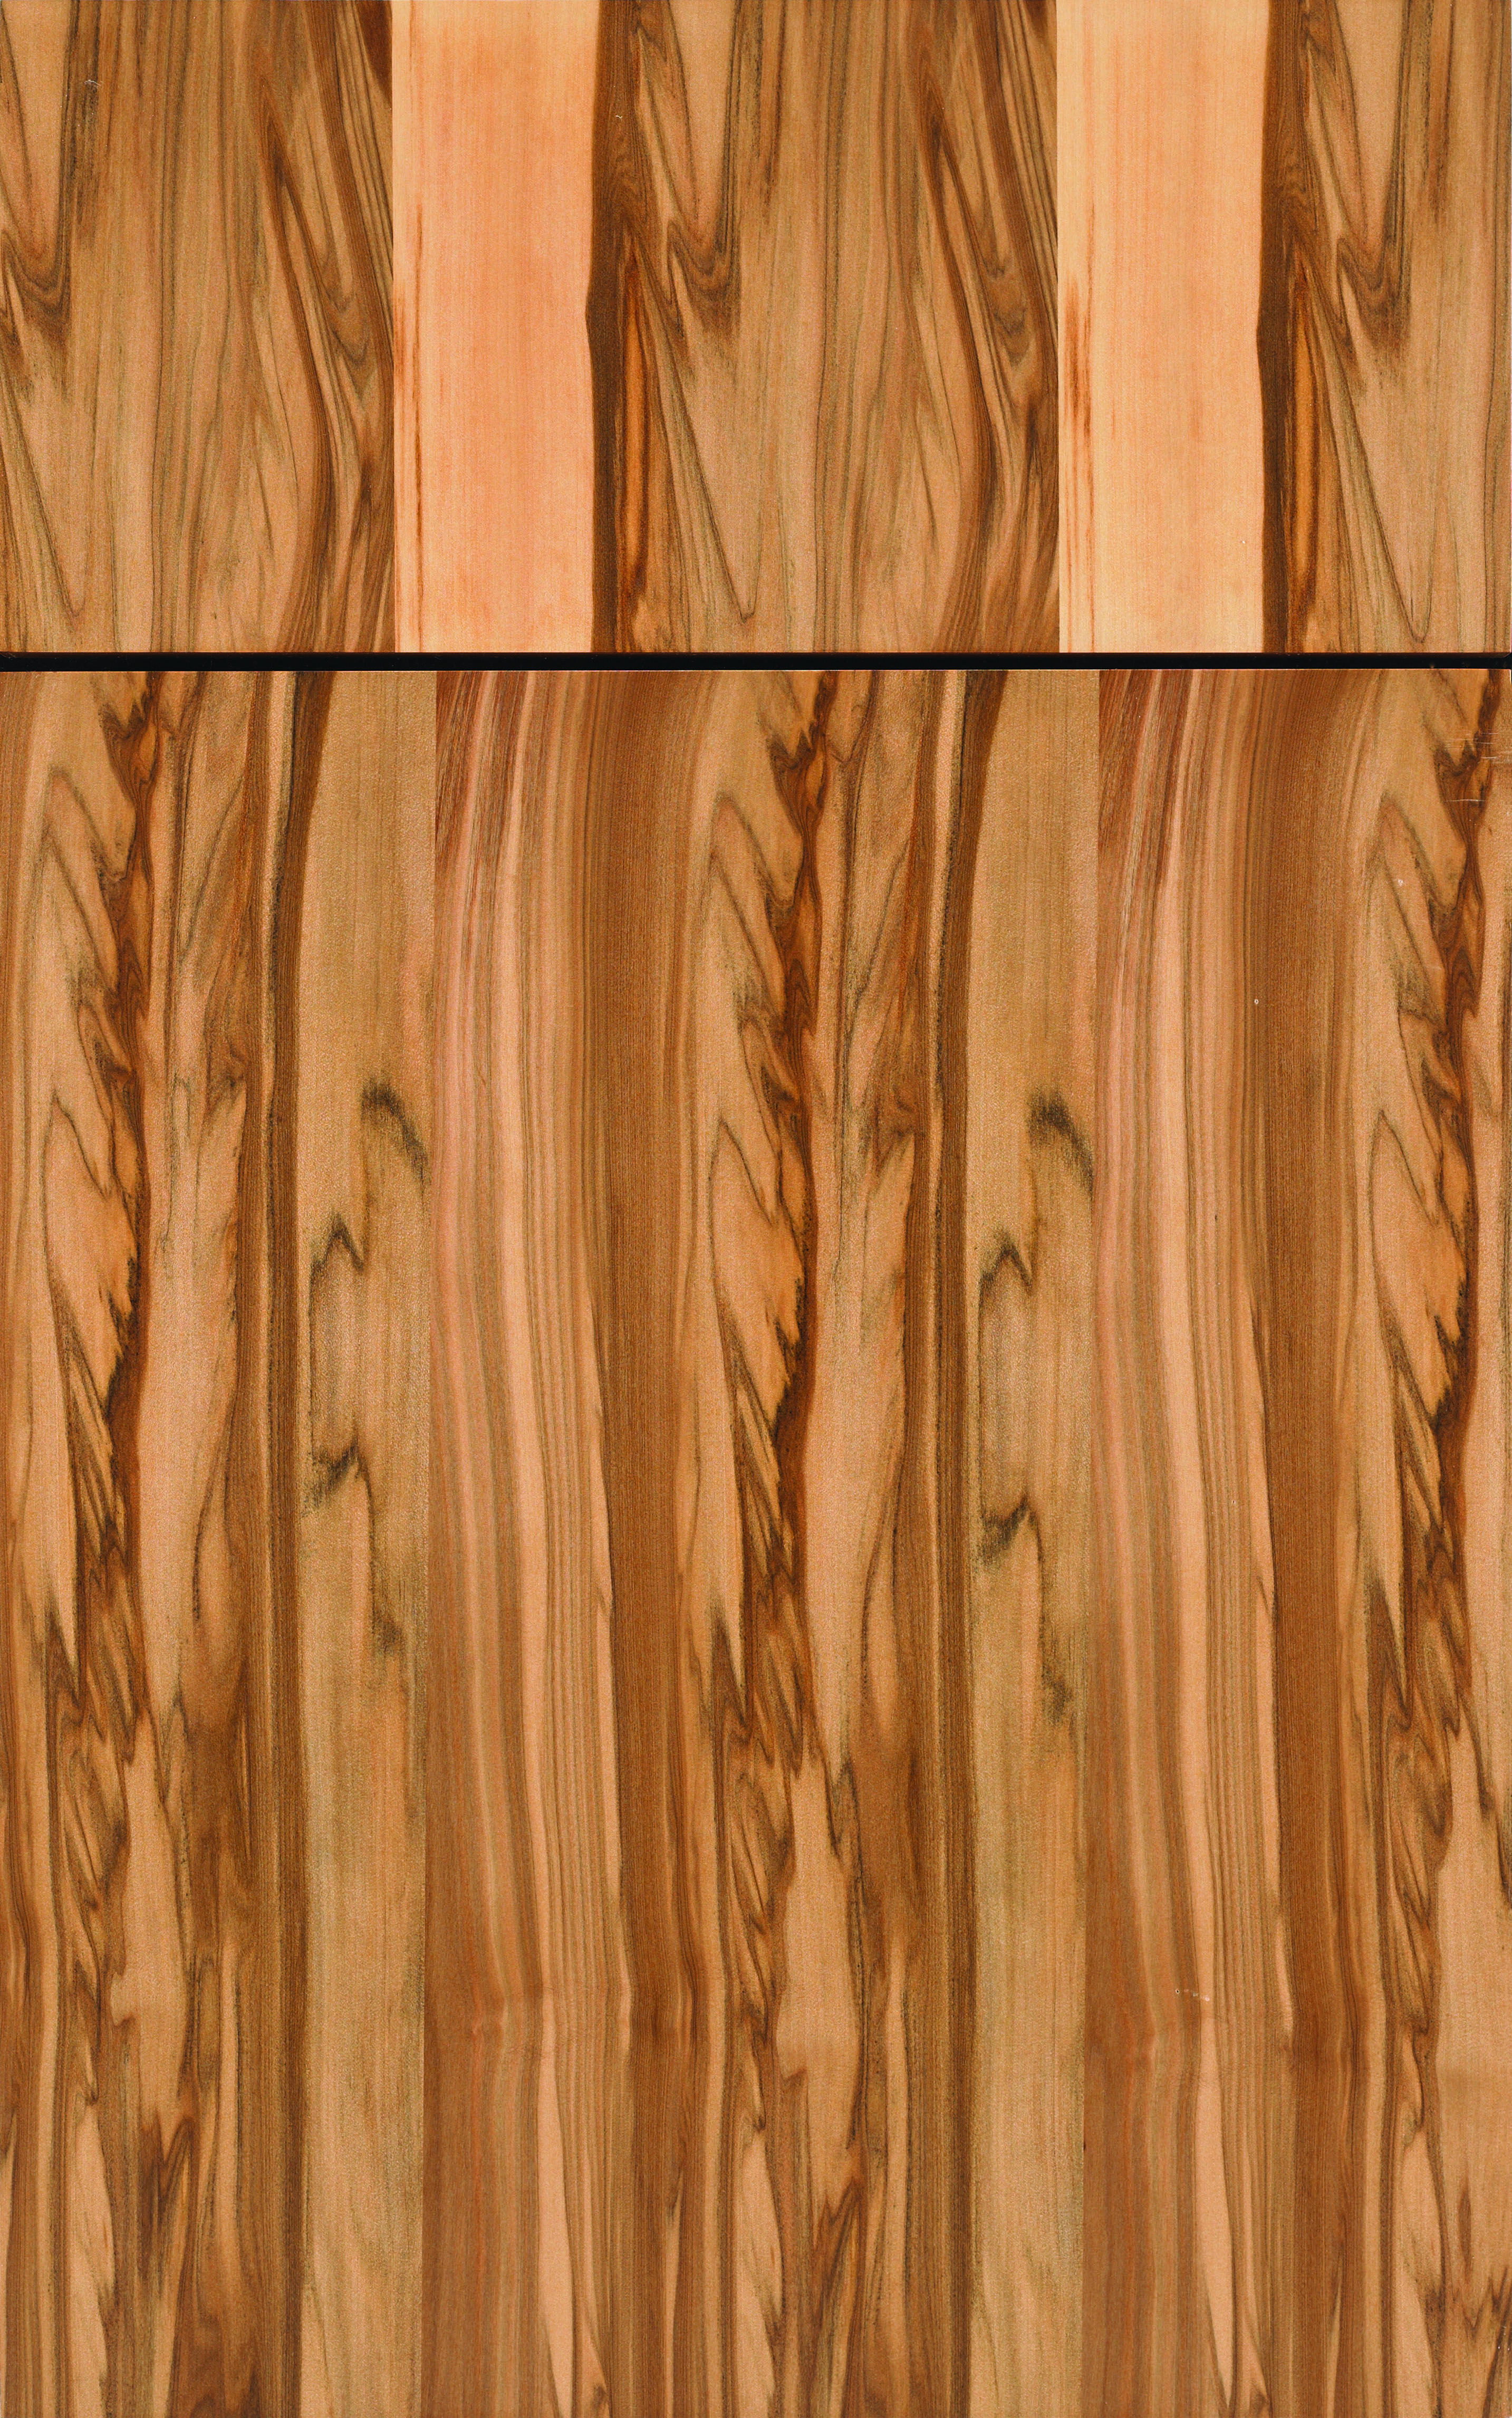 red gum wood grain wood pinterest. Black Bedroom Furniture Sets. Home Design Ideas